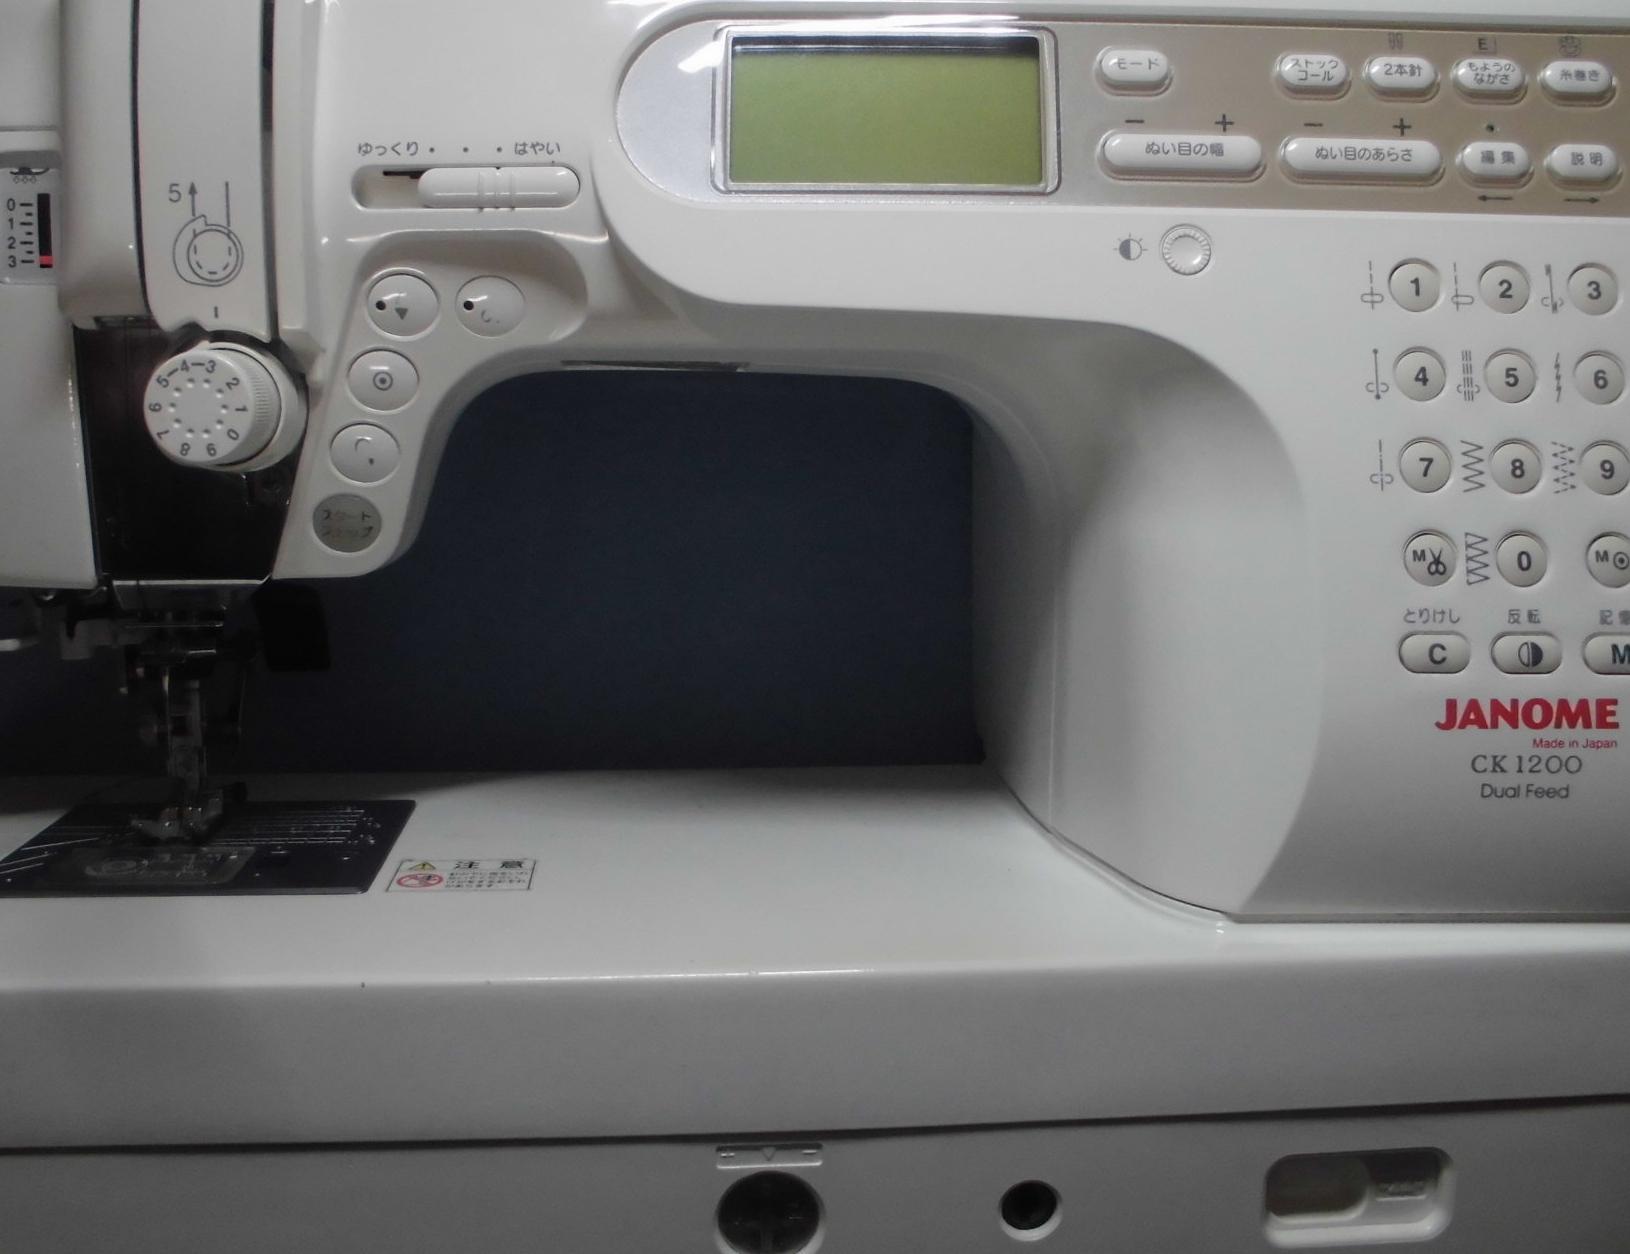 ジャノメミシン修理|CK1200|押えがクルクル回る、グラグラする、縫えない、動かない